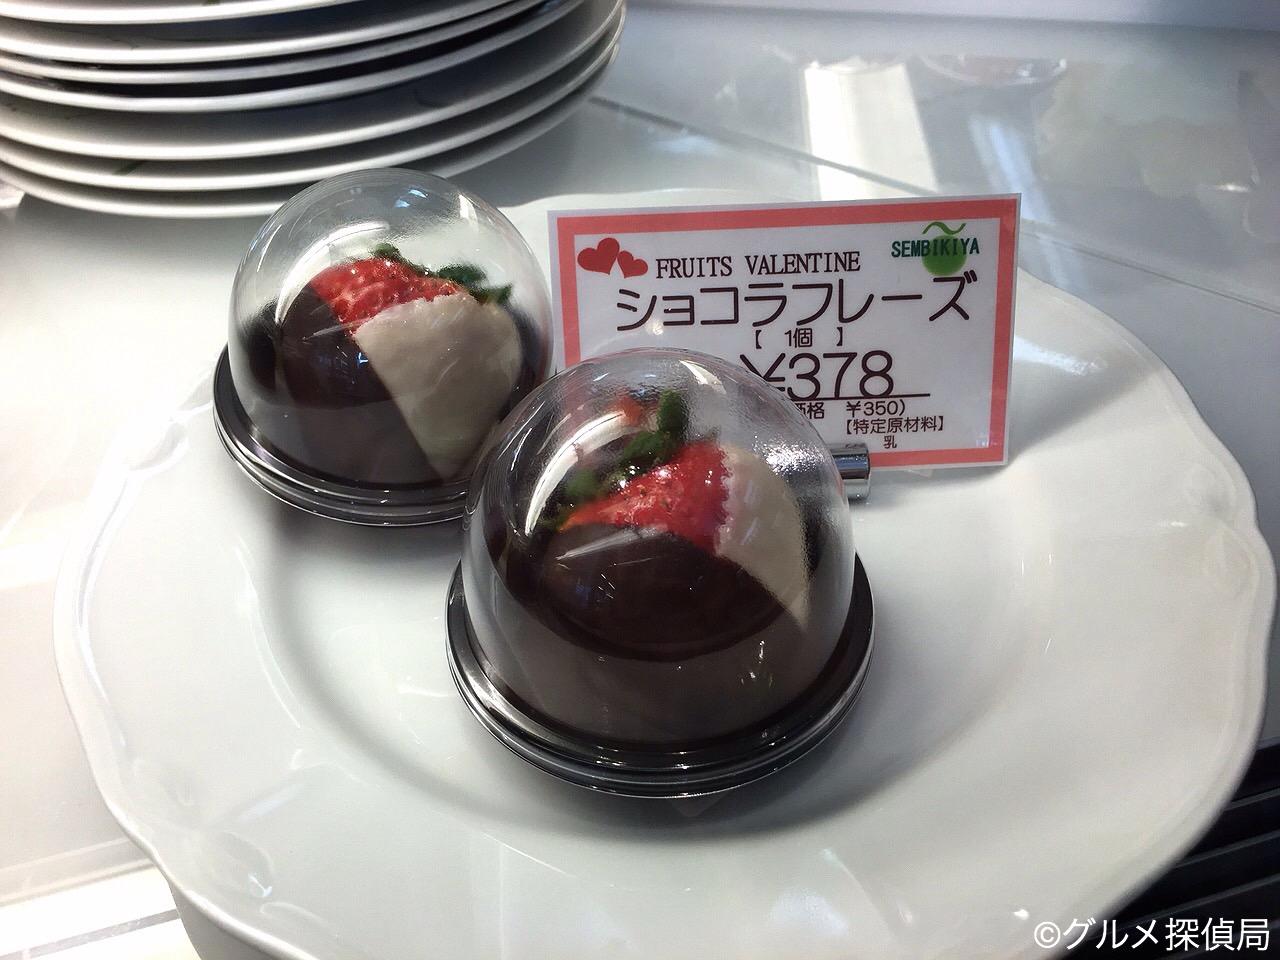 【グルメ探偵局】※画像12 ショコラフレーズ